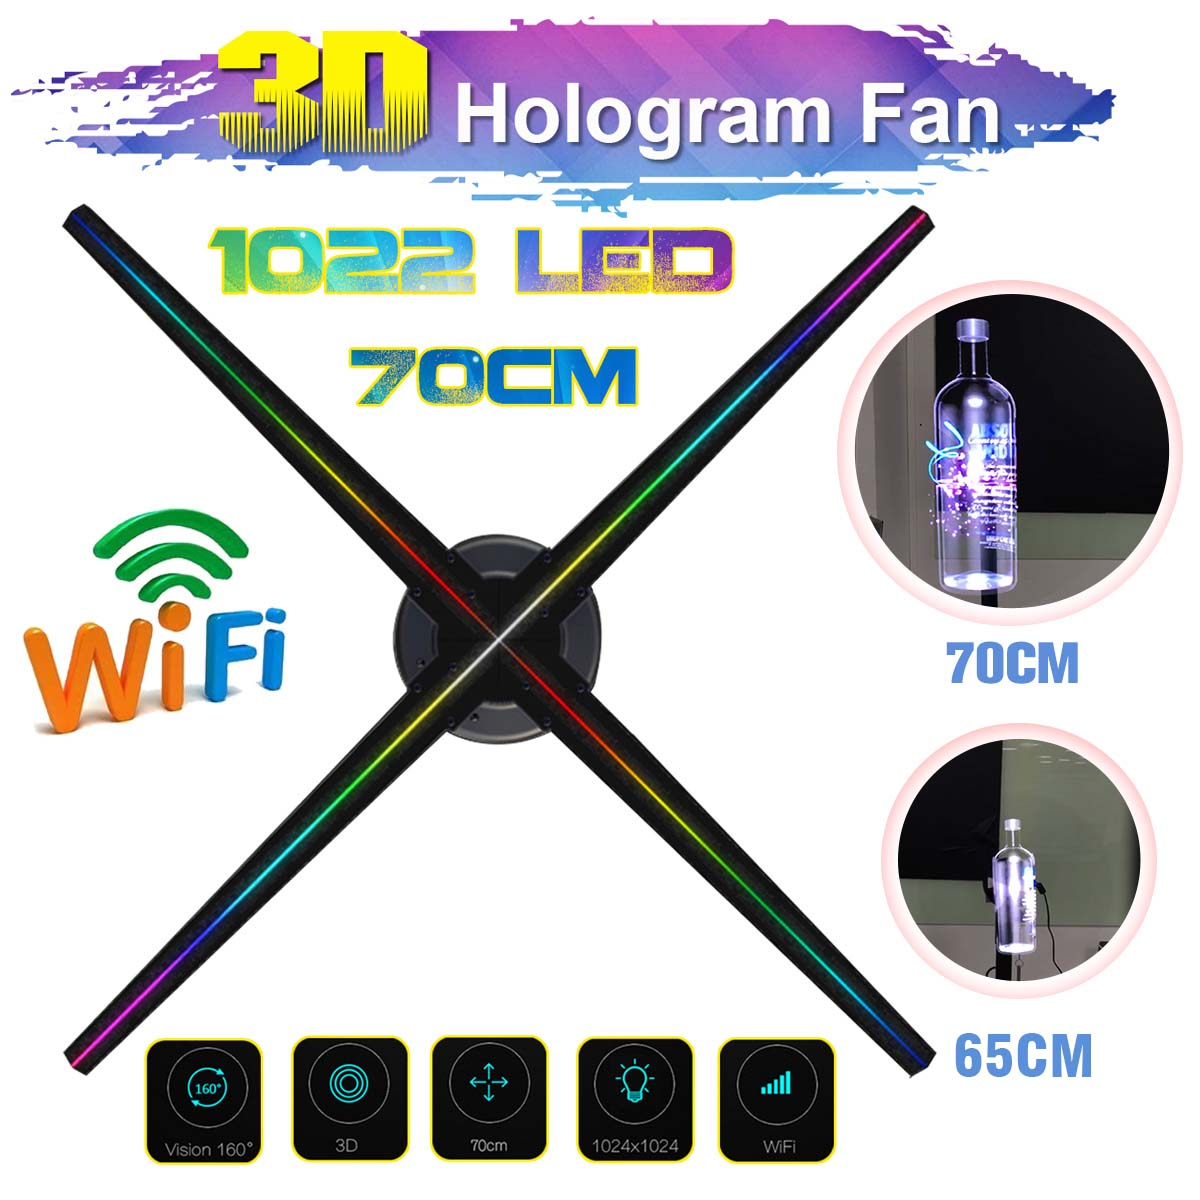 Mis à niveau 70cm Wifi 3D holographique projecteur ventilateur hologramme lecteur écran vidéo LED ventilateur publicité lumière APP contrôle Four Axil